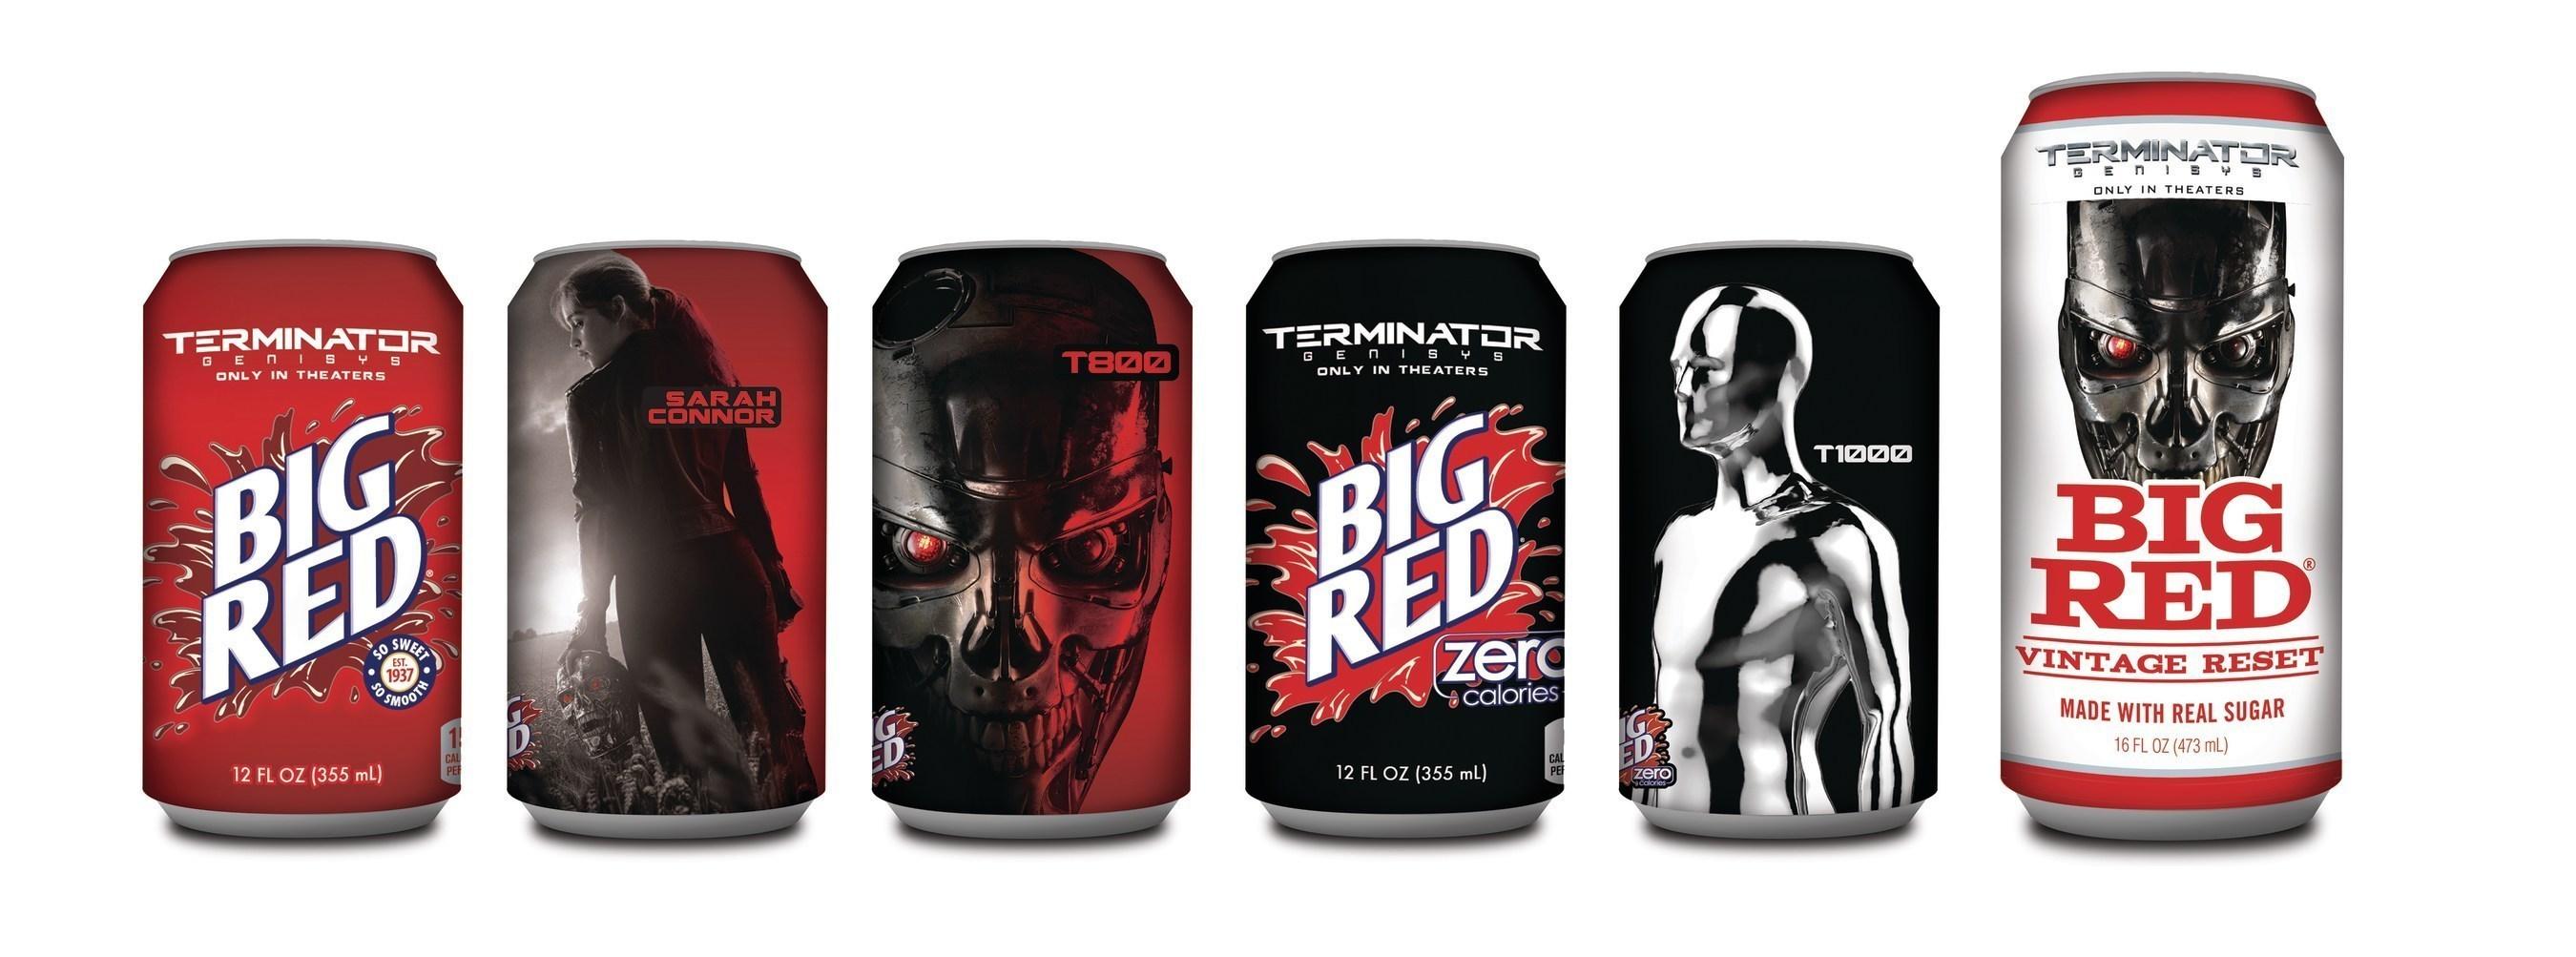 Big Red aims to terminate moviegoers' thirst with 'Terminator Genisys' movie partnership